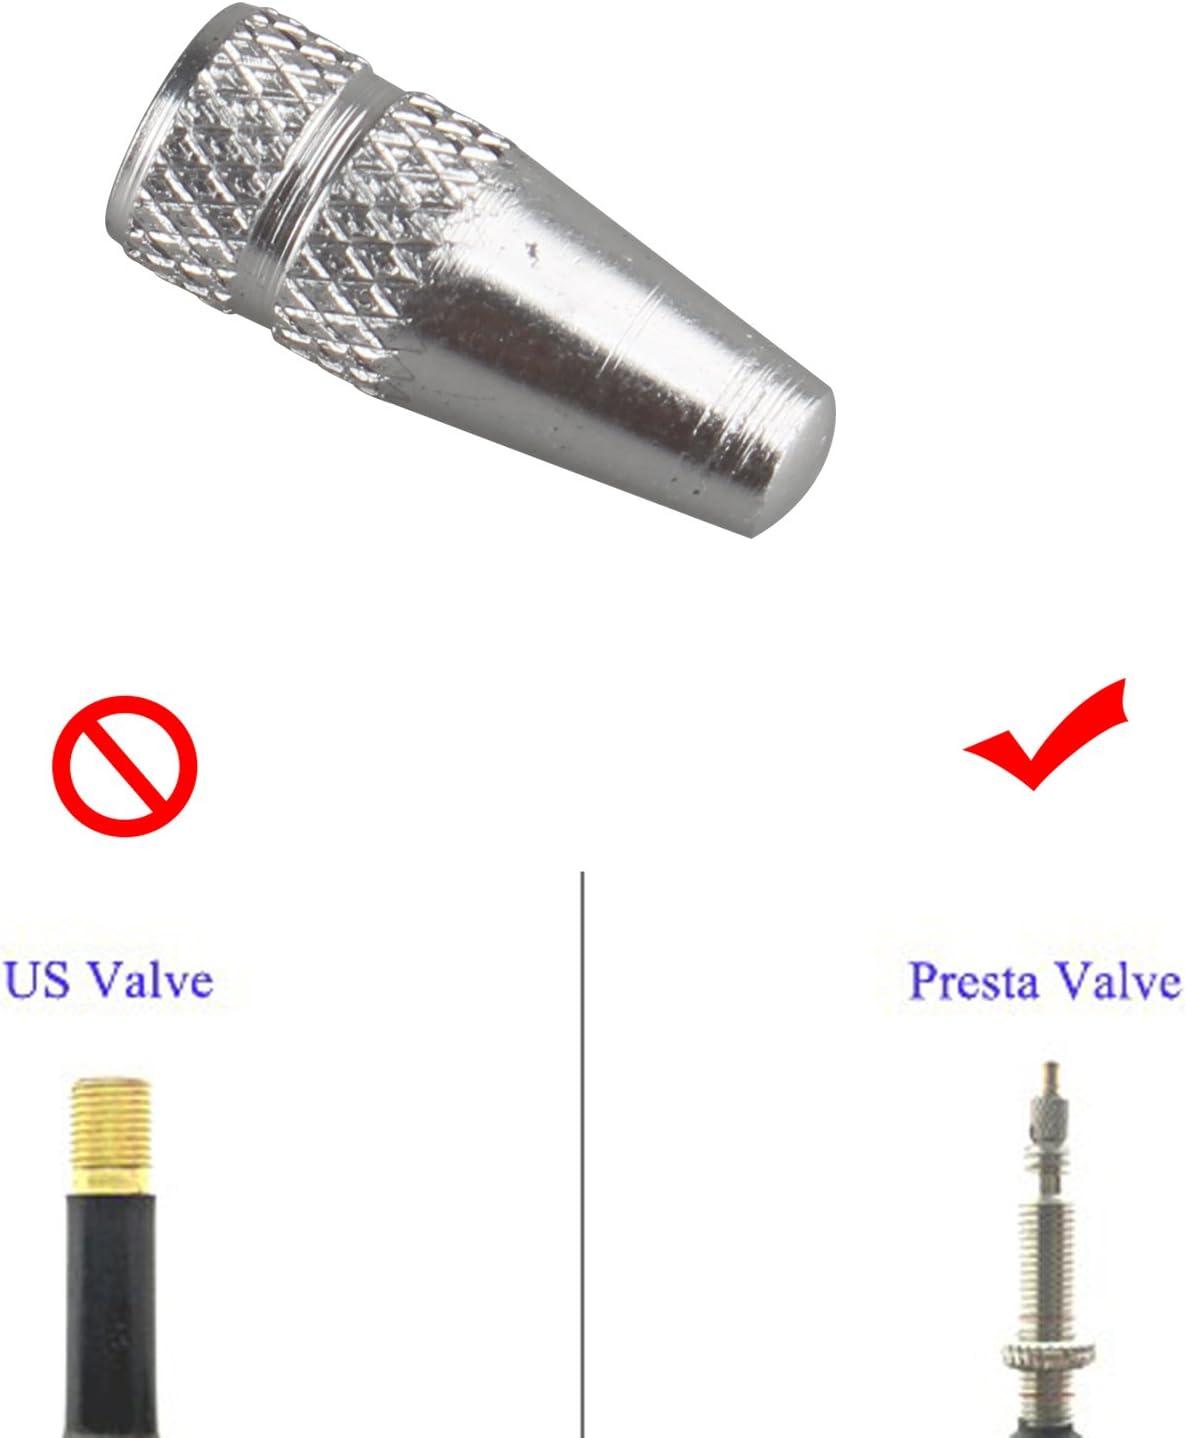 Fushengda 4/pcs Argent Roue de v/élo Jante Pneus Potence Air Valve Caps poussi/ère Coque en Aluminium /à Haute Pression de Pneu Bouchons de Valve pour v/élo Accessoires